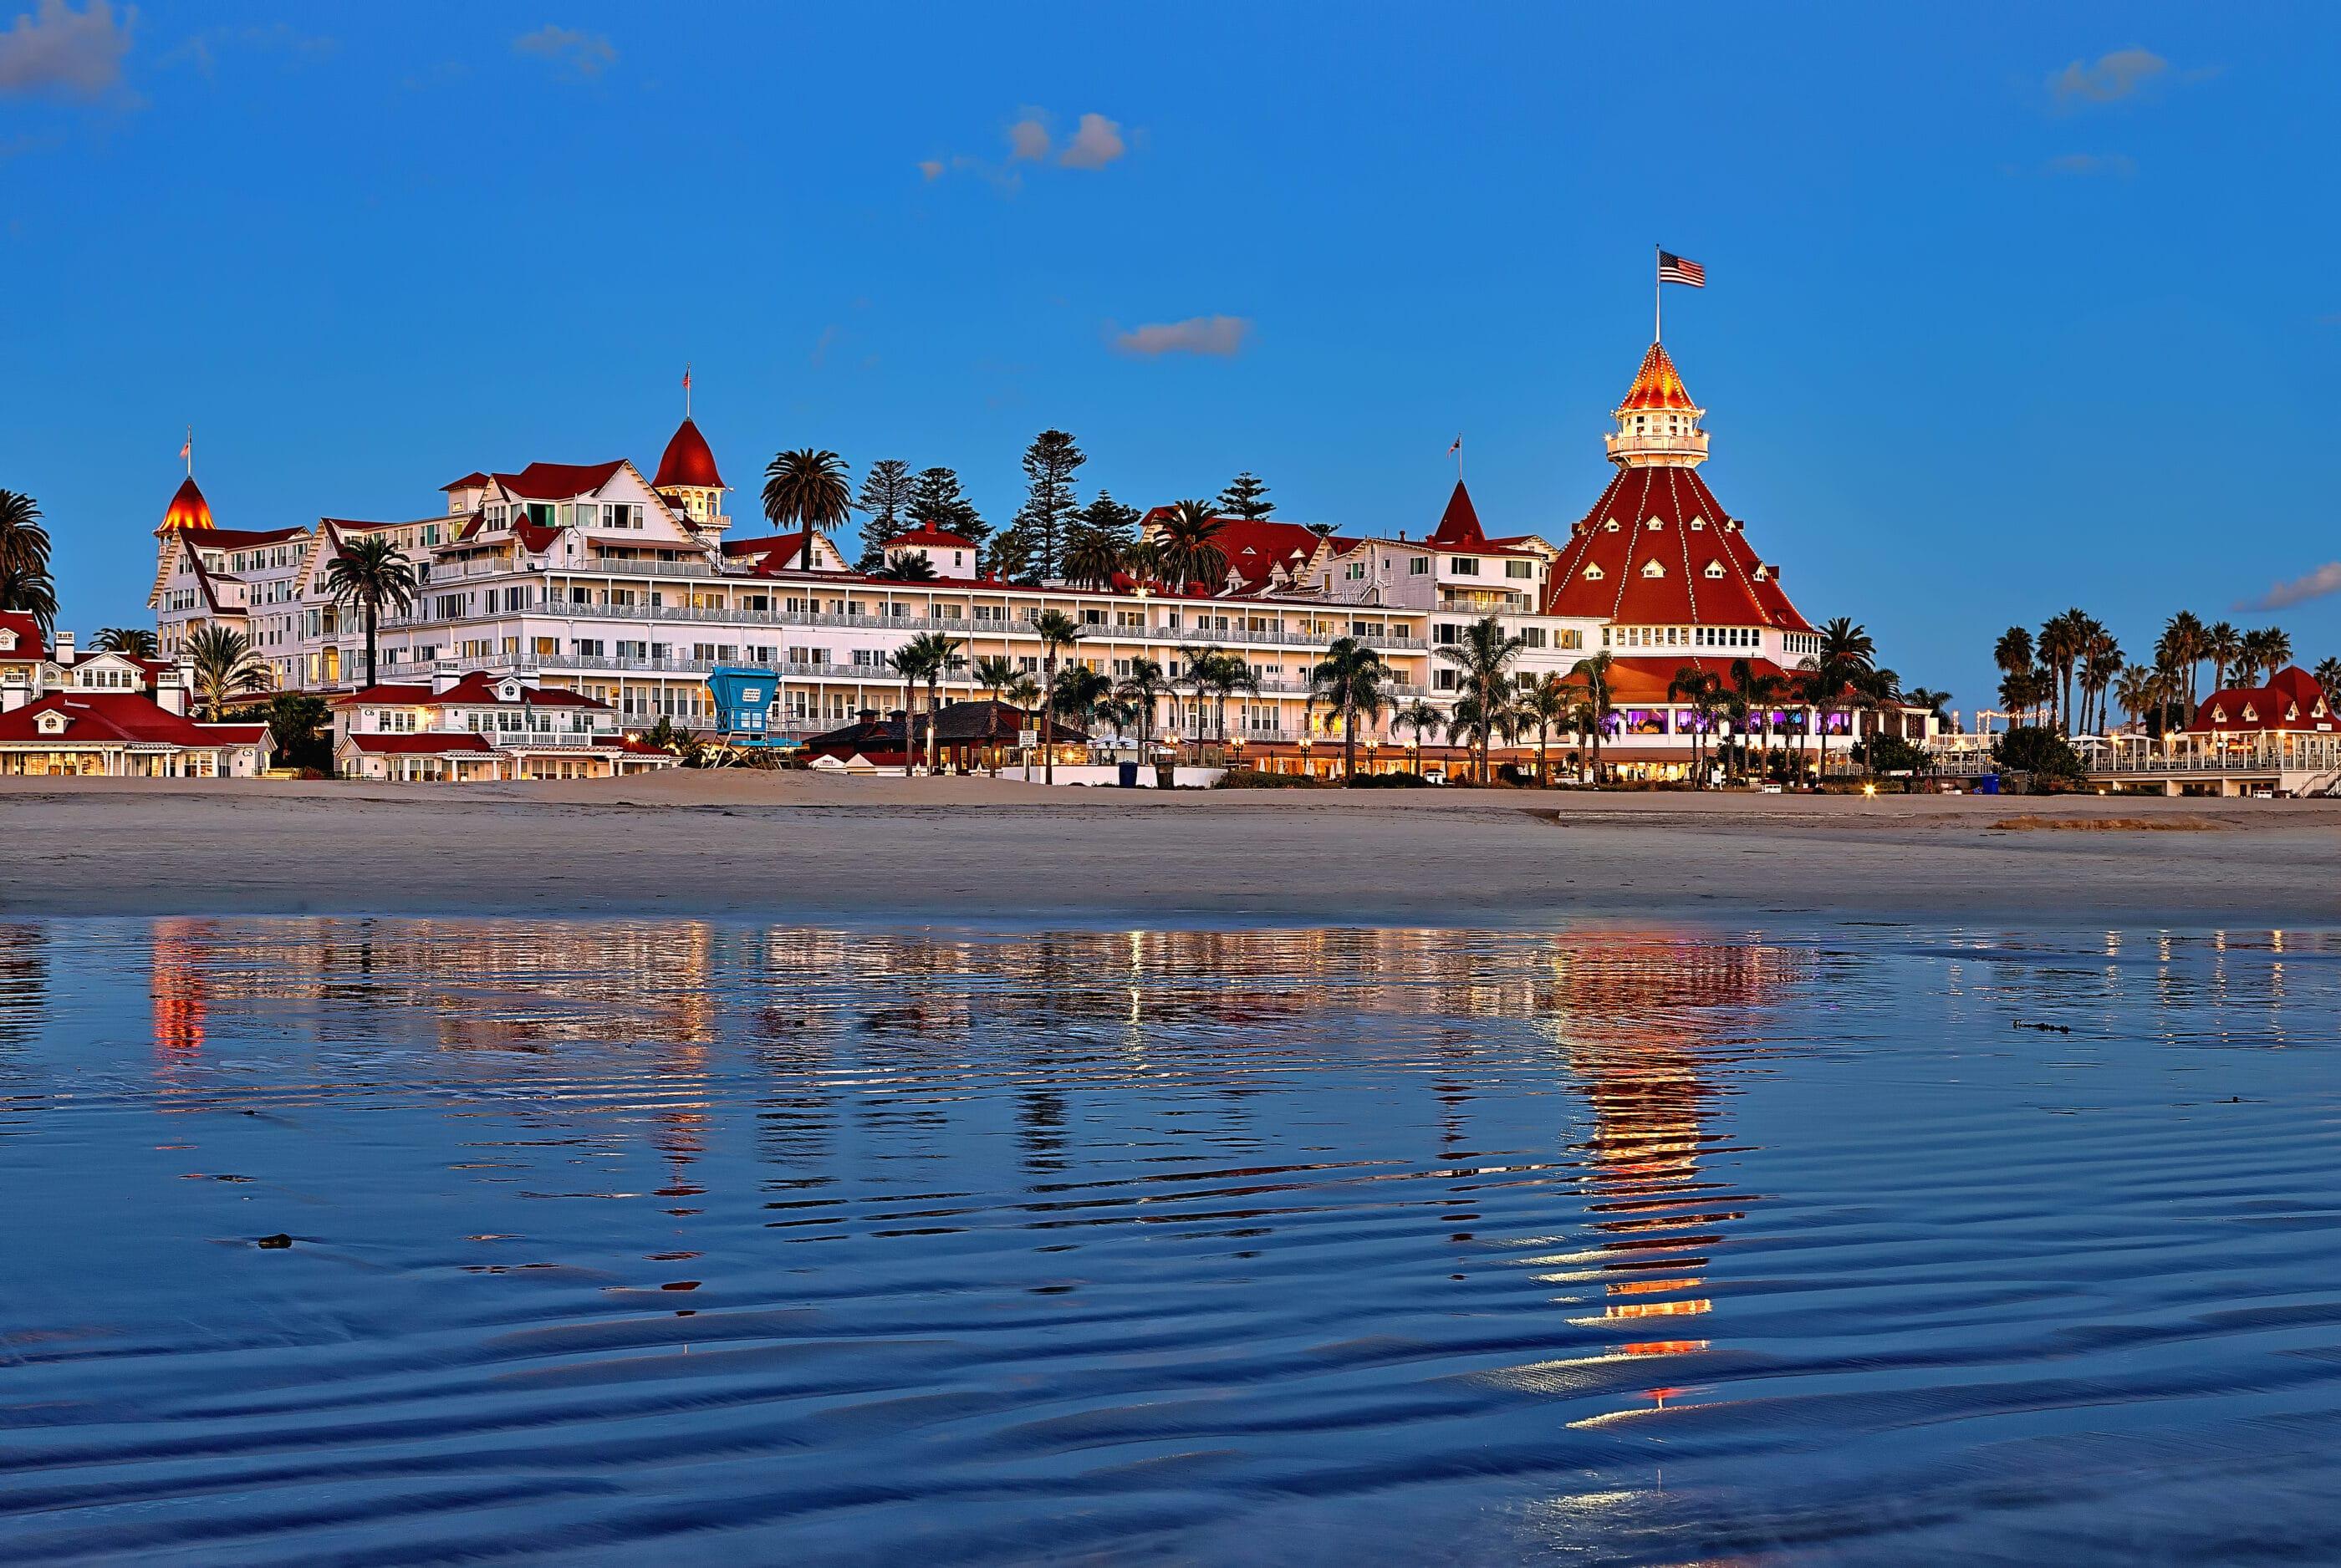 View of Hotel del Coronado in the evening over the beach.